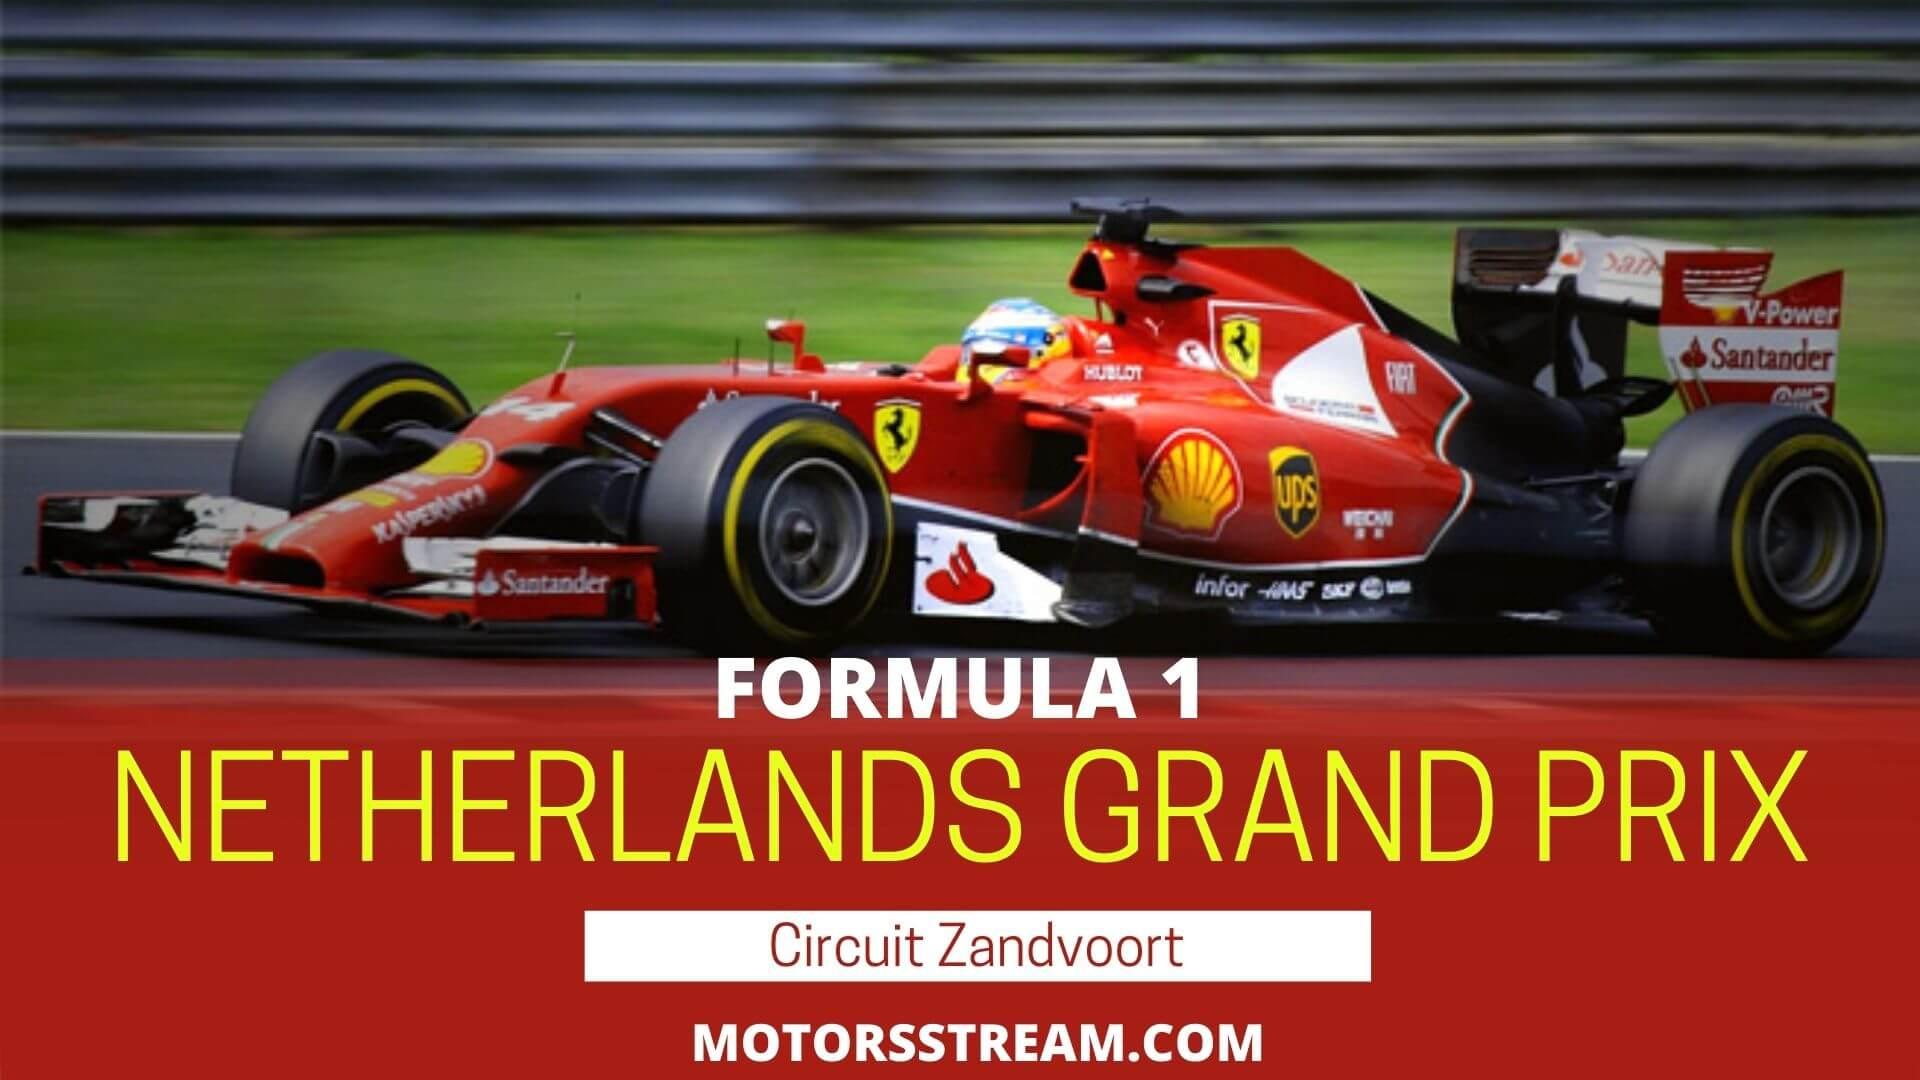 Formula 1 Netherlands Grand Prix Live Stream